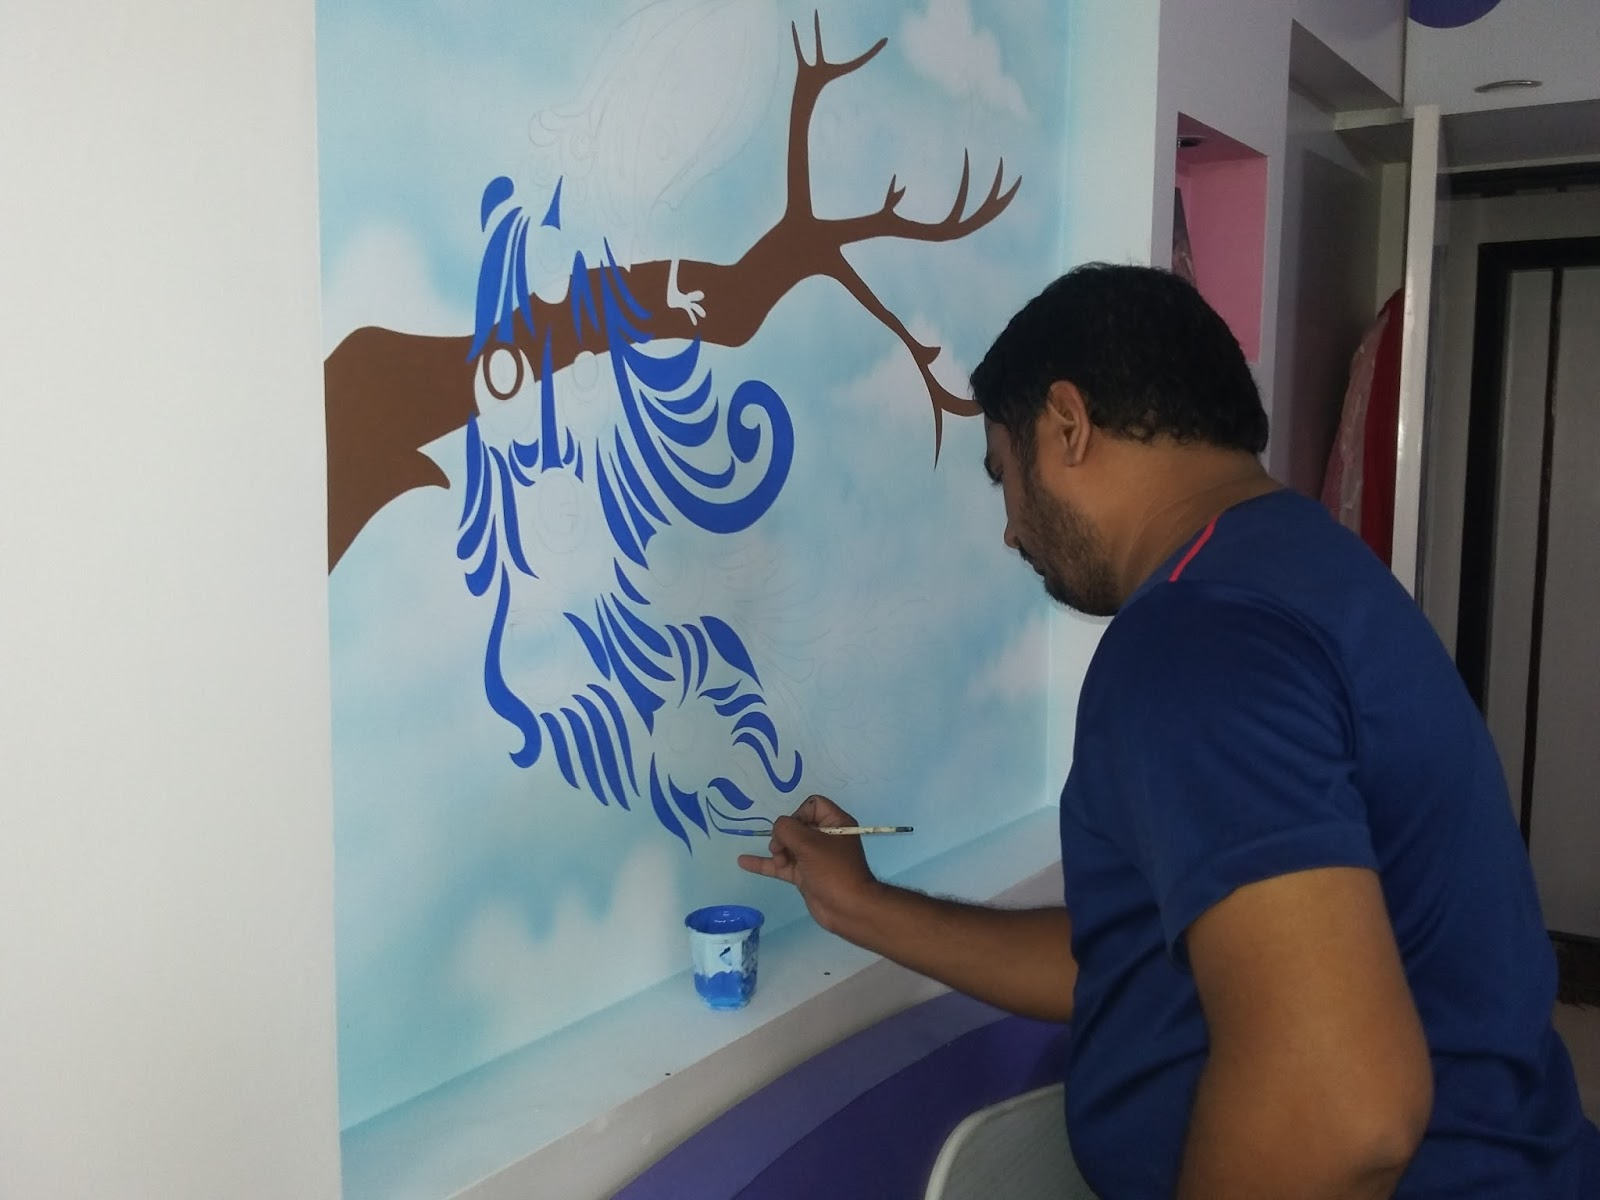 playschool wall painting mumbai wall murals in mumbai kids room fun ideas simple wall murals for kids kids